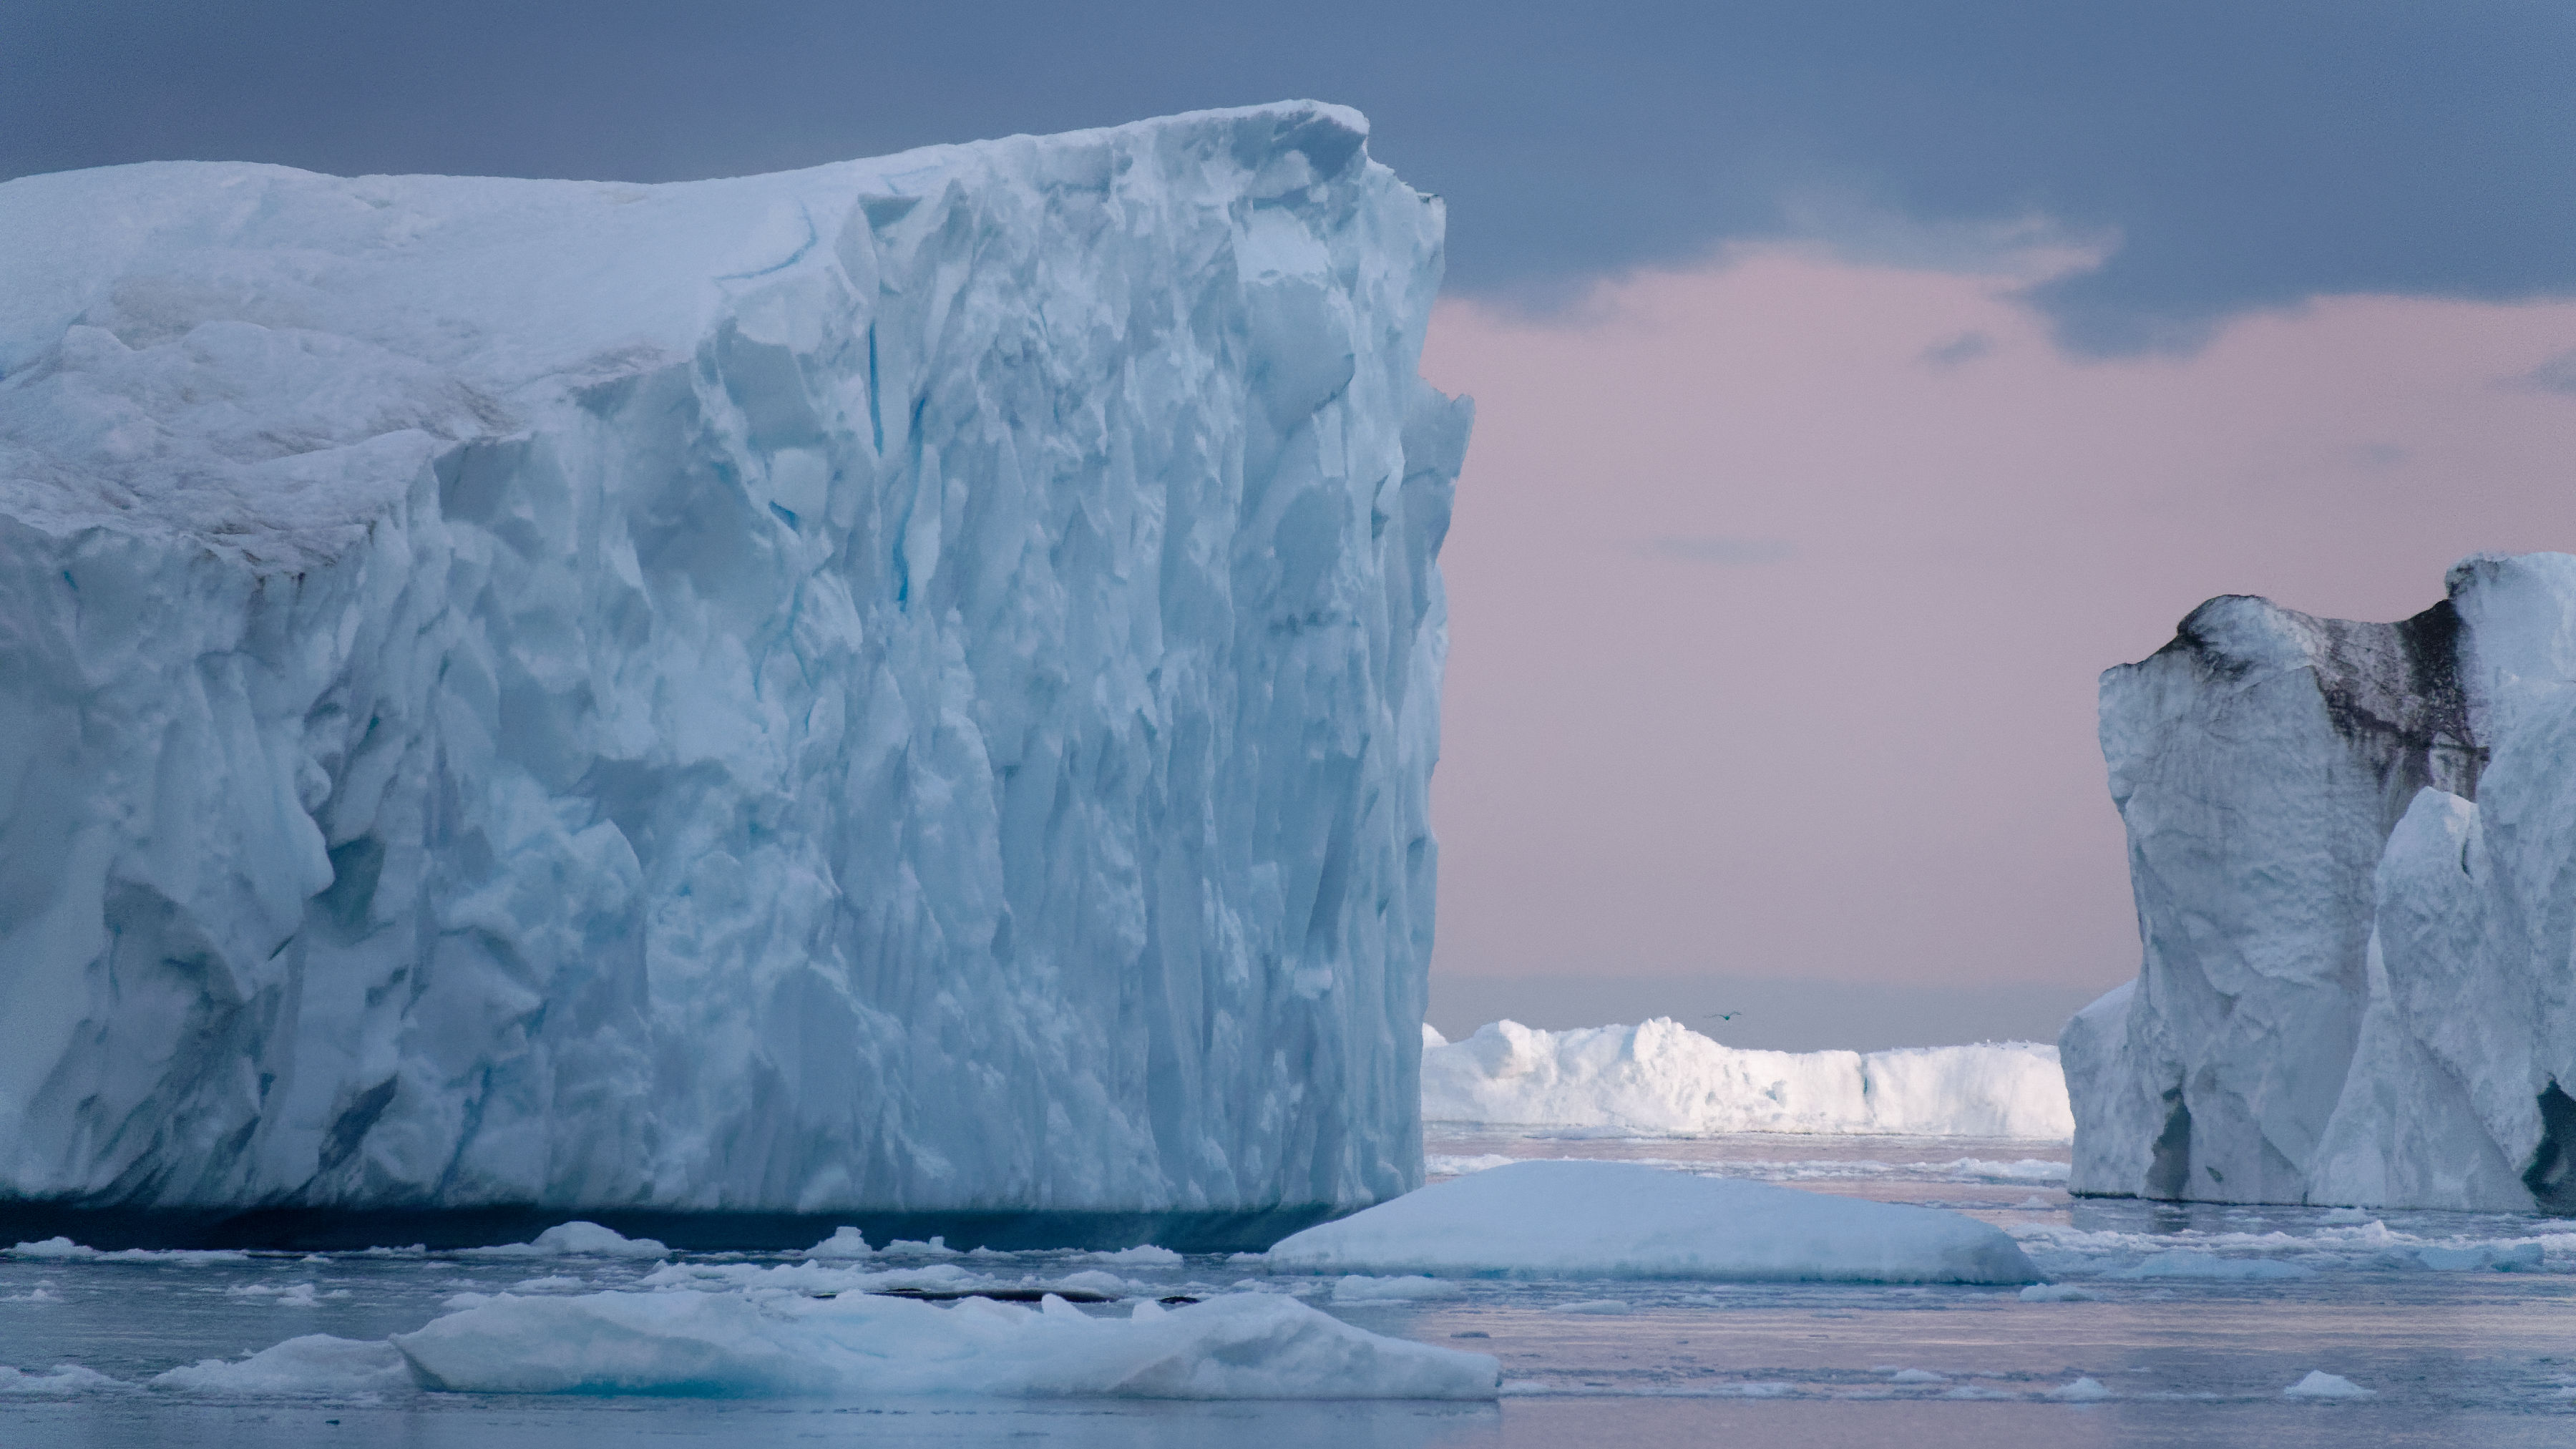 Ilulissat et le fjord de glace 11 ao t 2017 - Les sainte glace 2017 ...